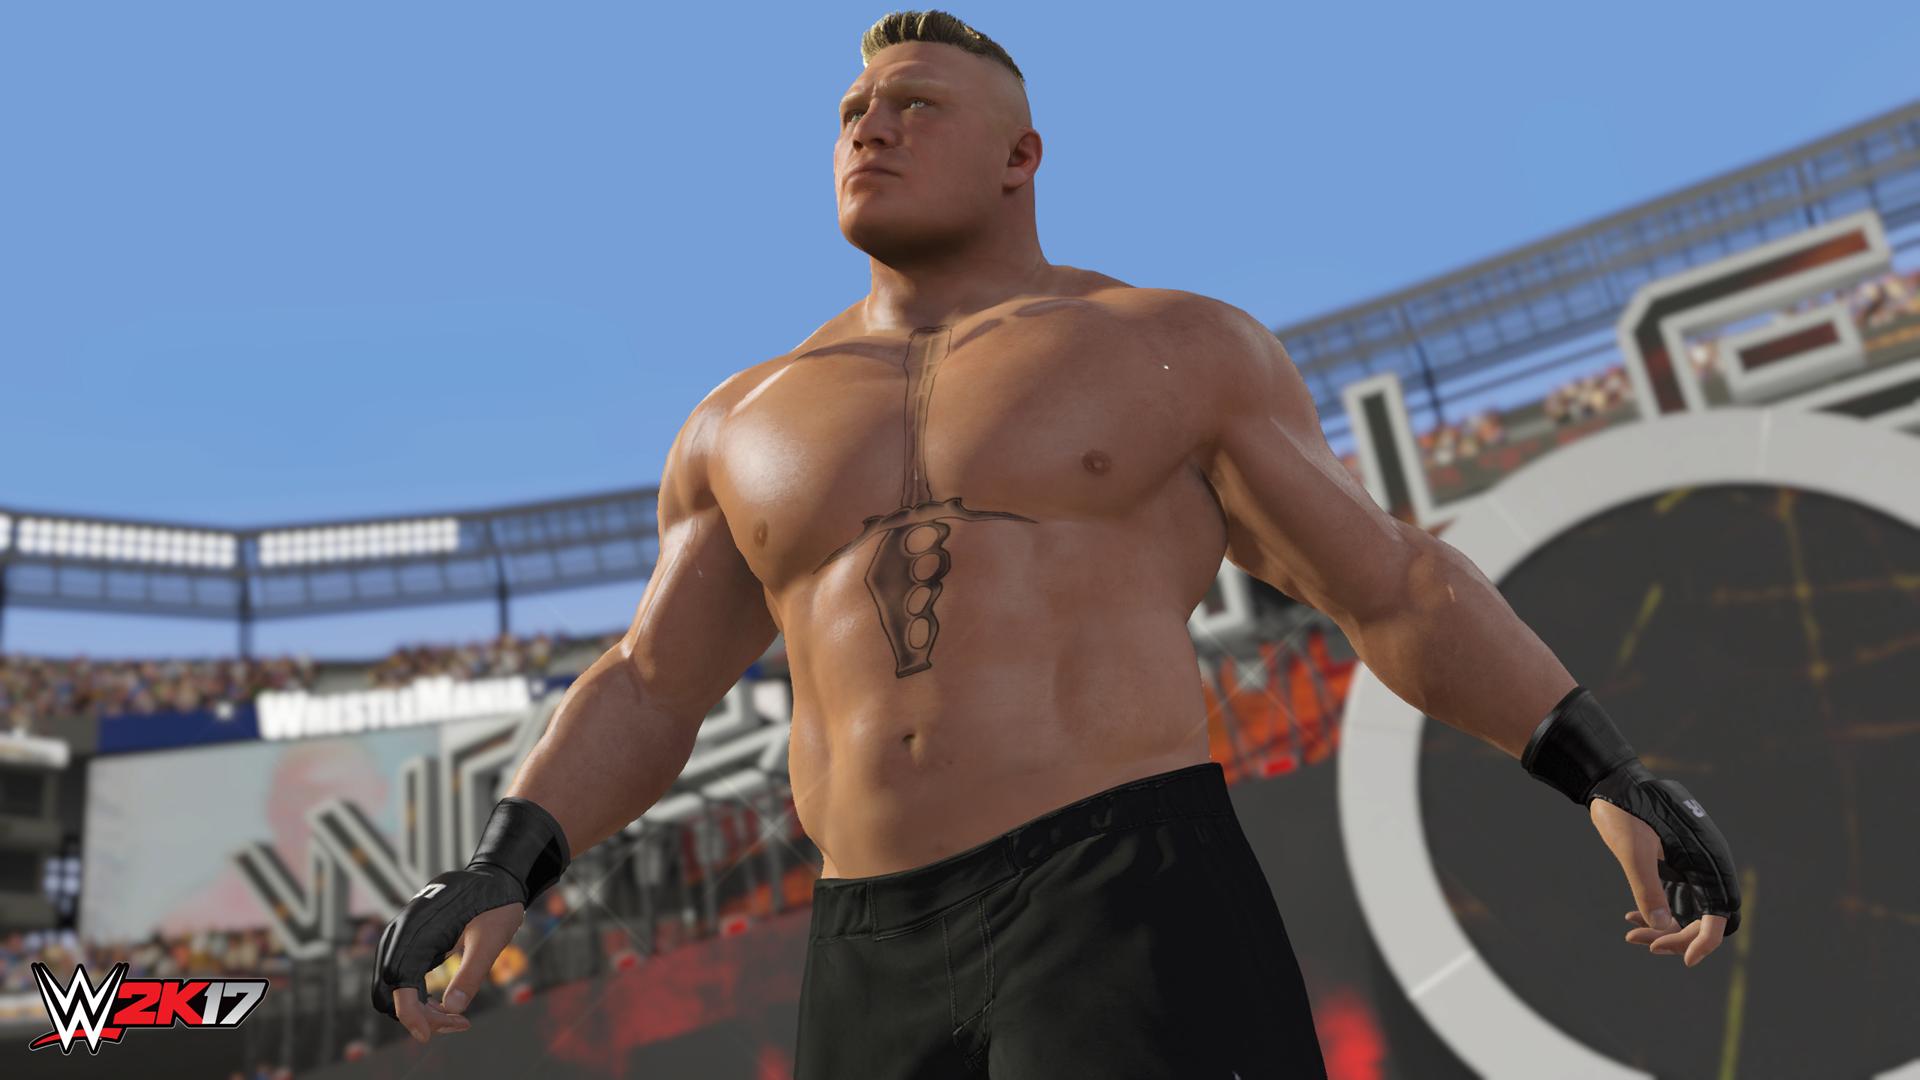 『WWE 2K17(英語版)』ゲーム画面